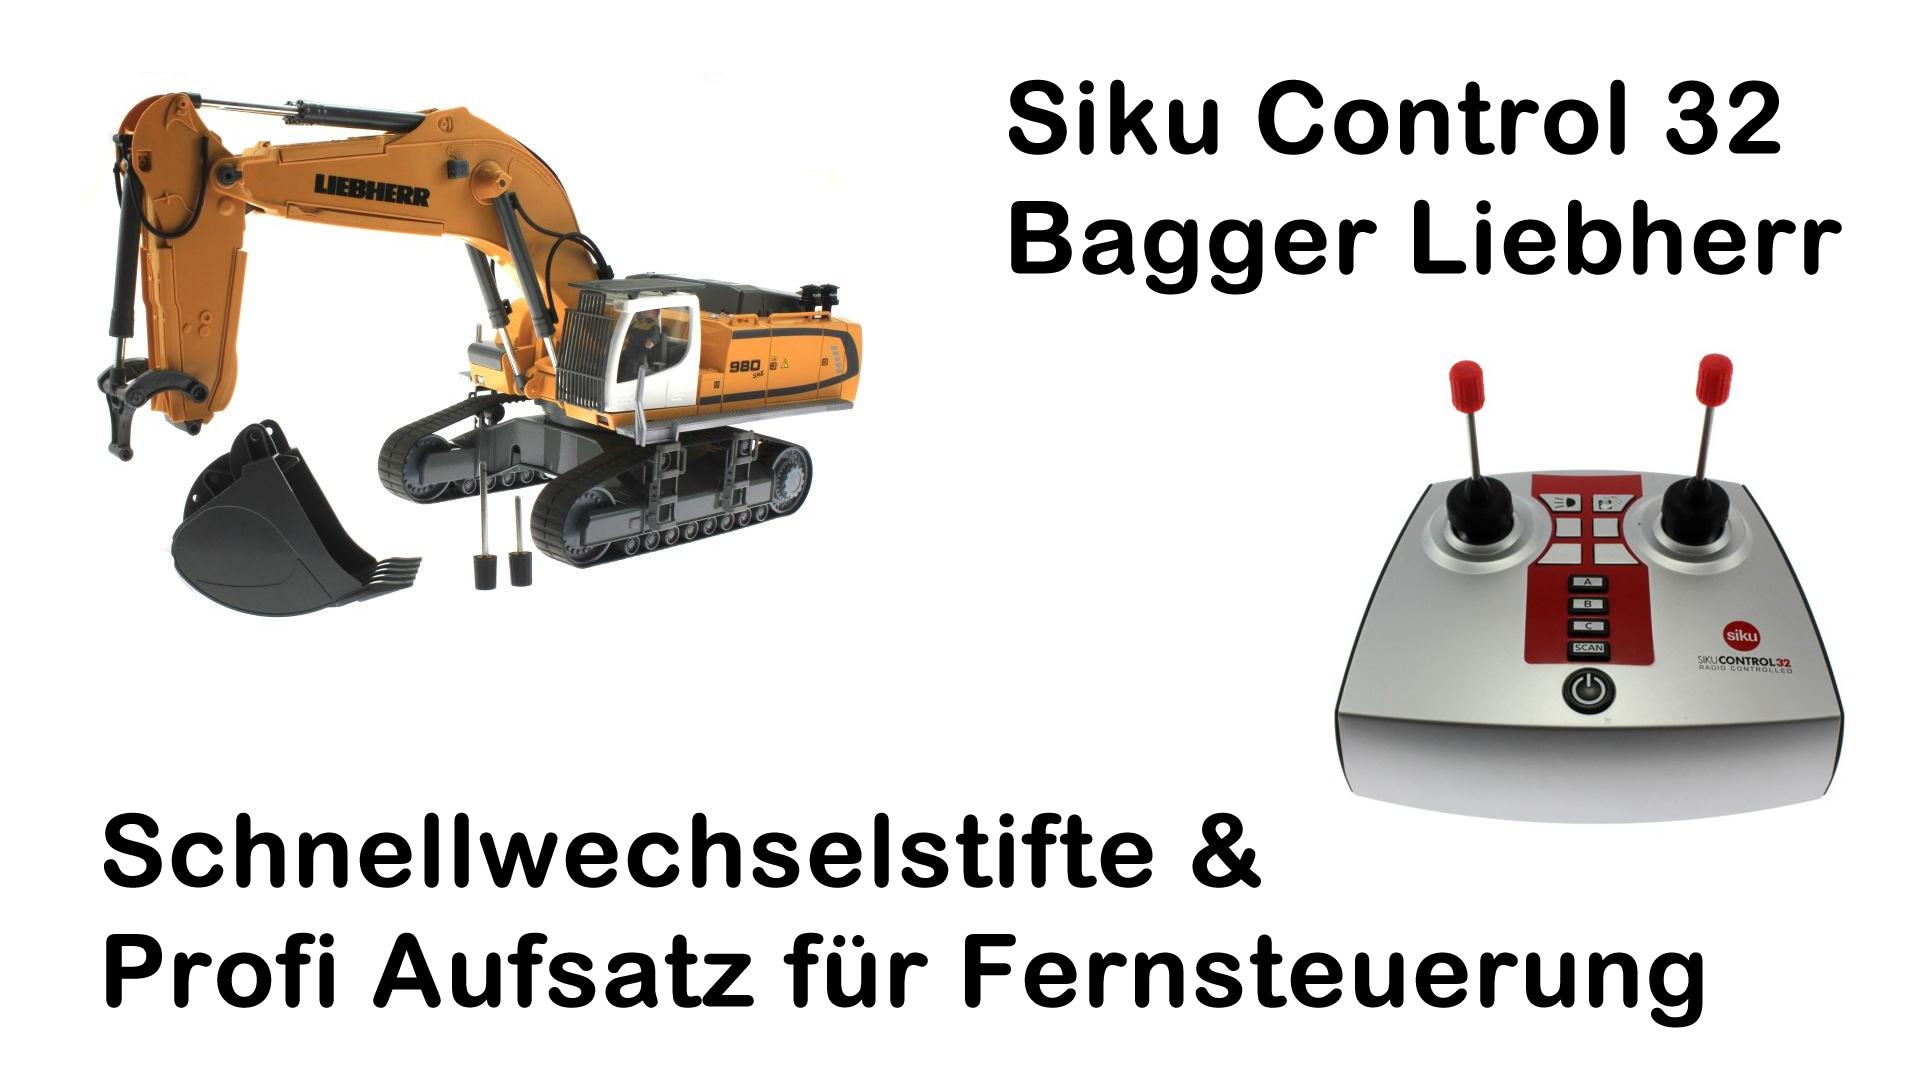 Zubehör-Vorstellung Siku Control 32 Bagger